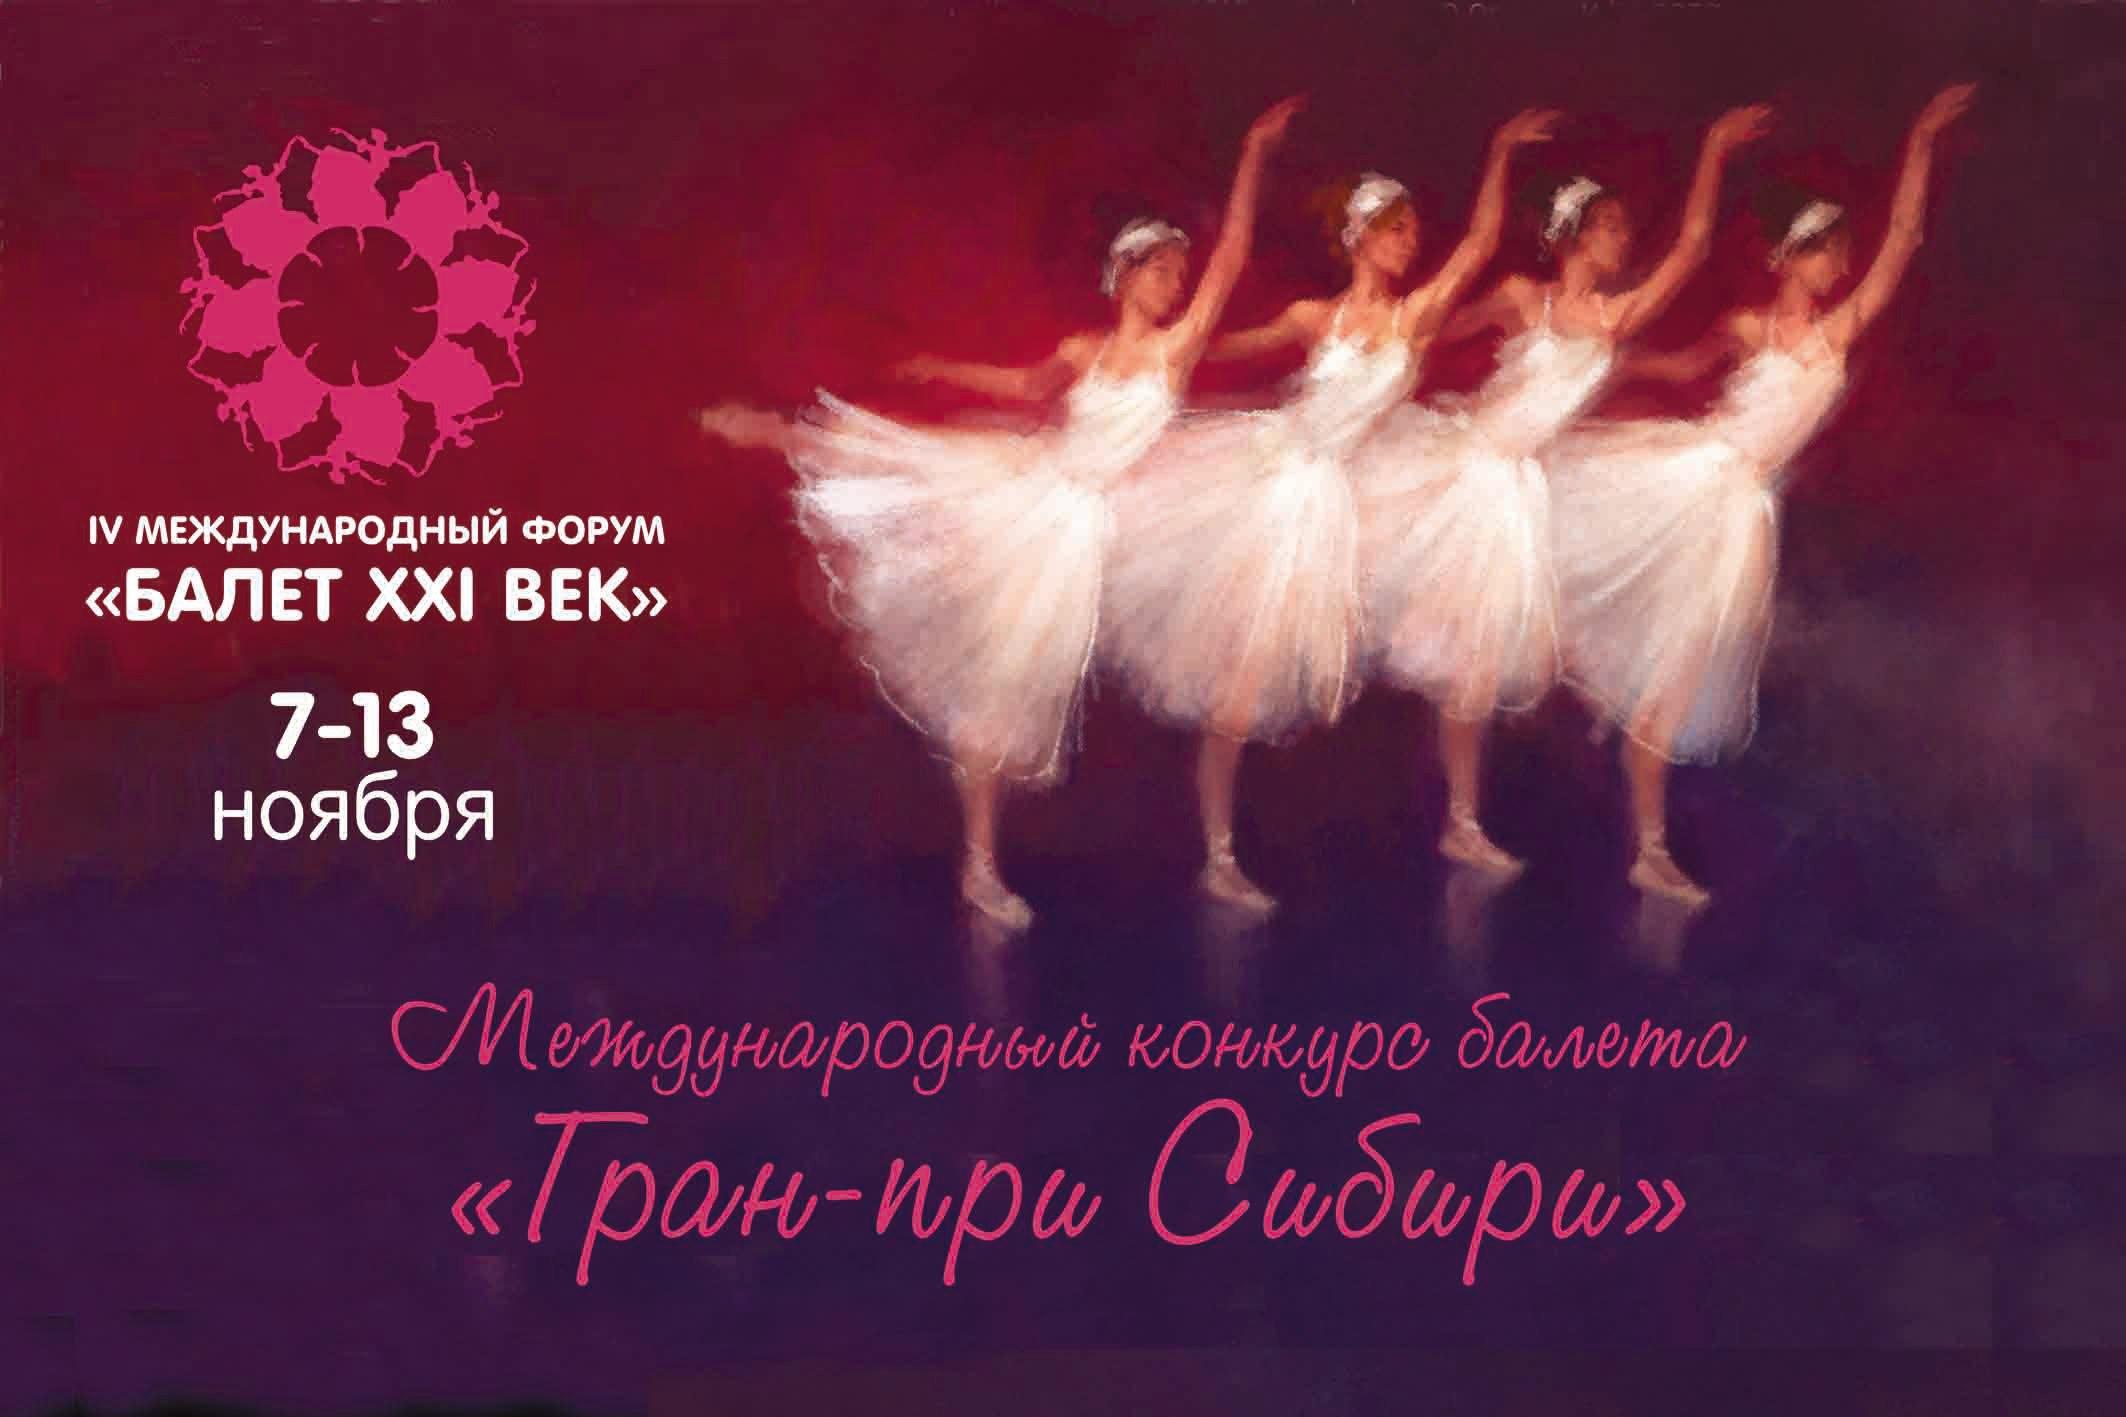 В Красноярске пройдет Международный форум «Балет XXI век»